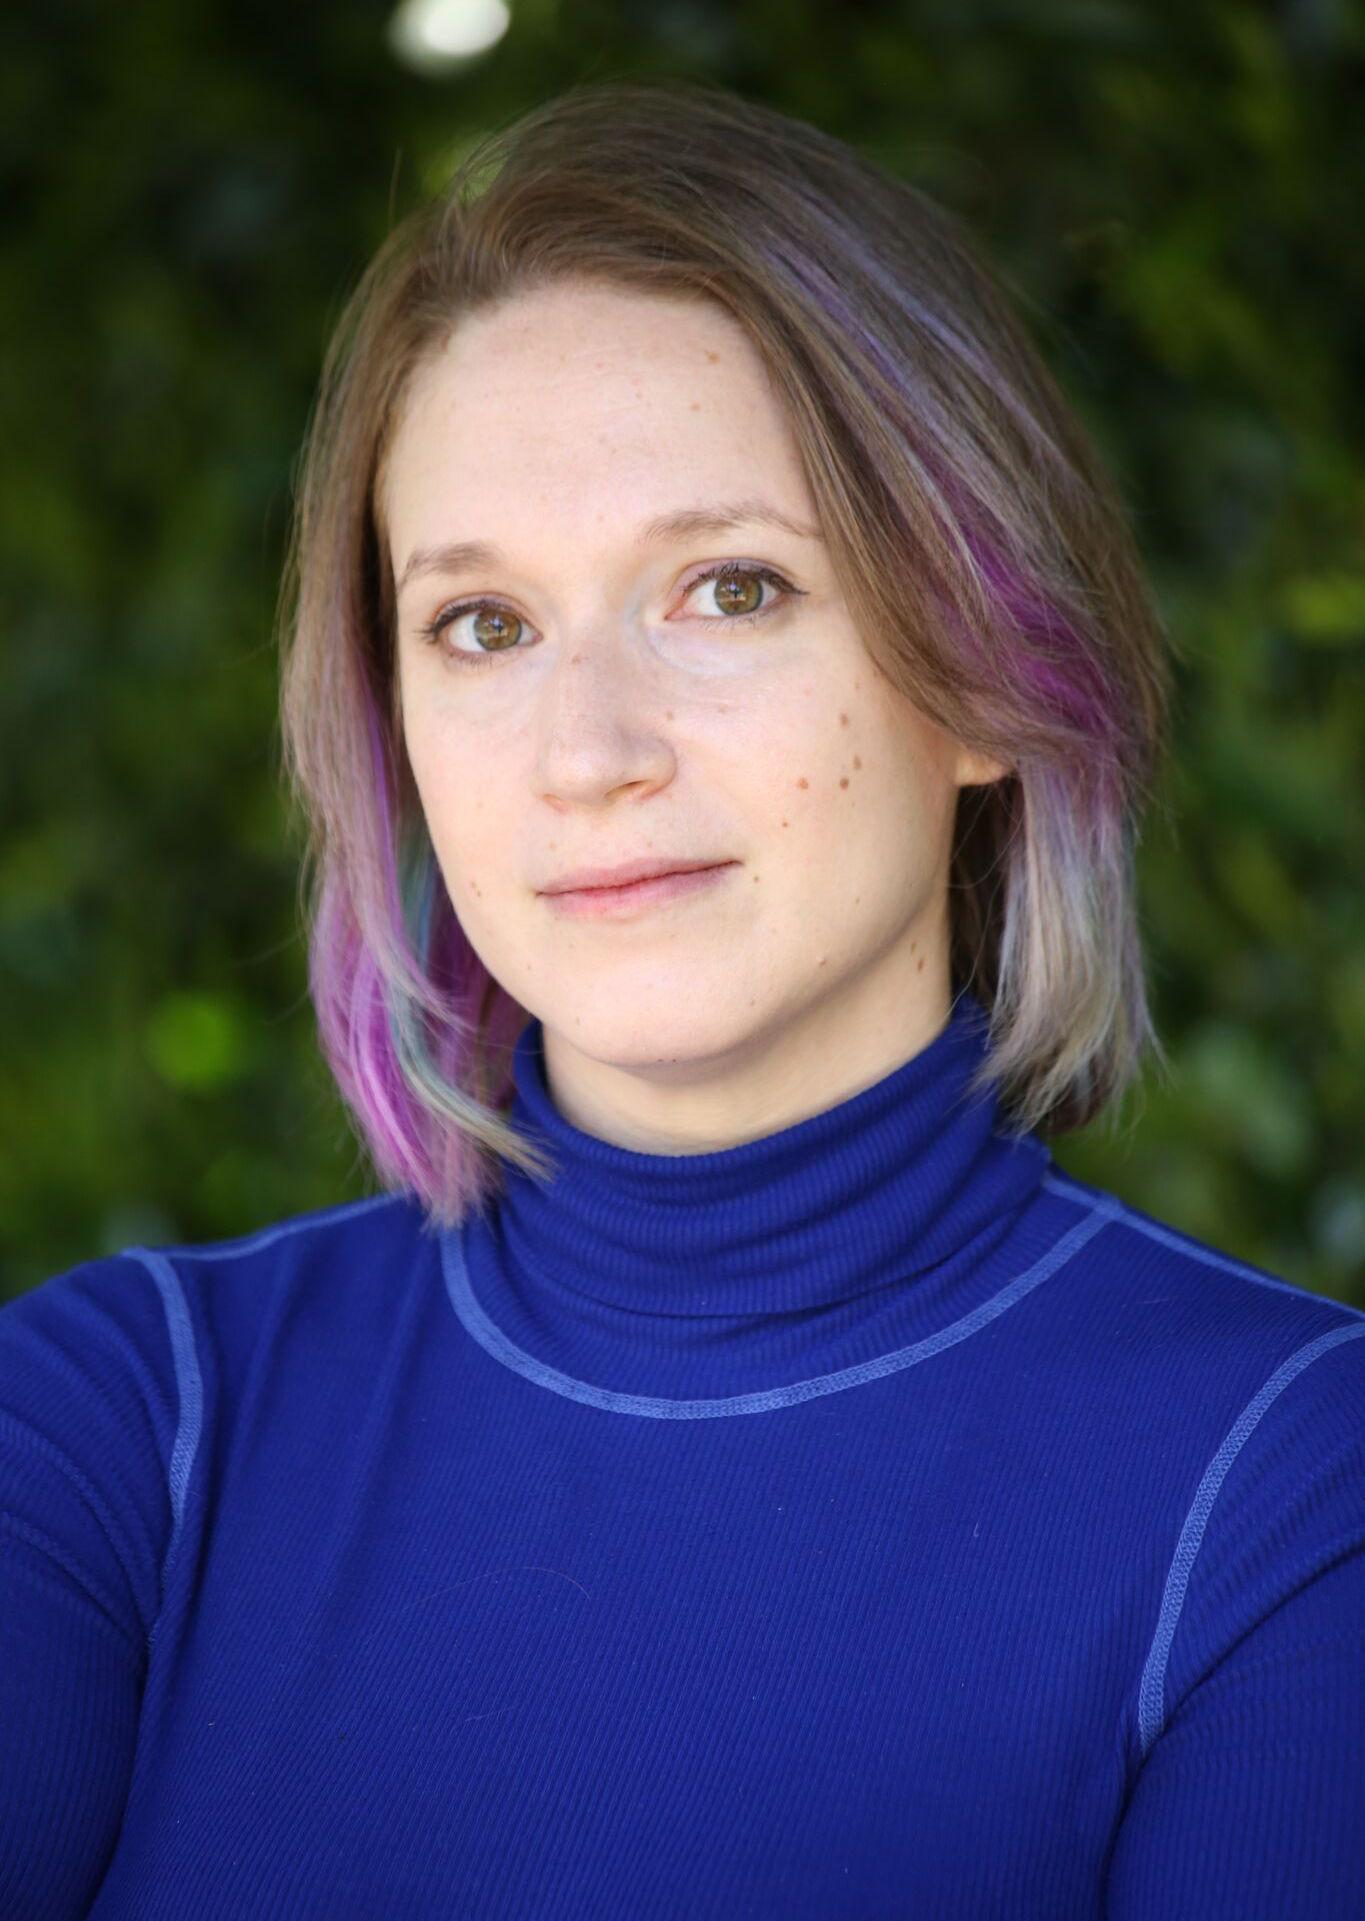 Woman in blue turtleneck